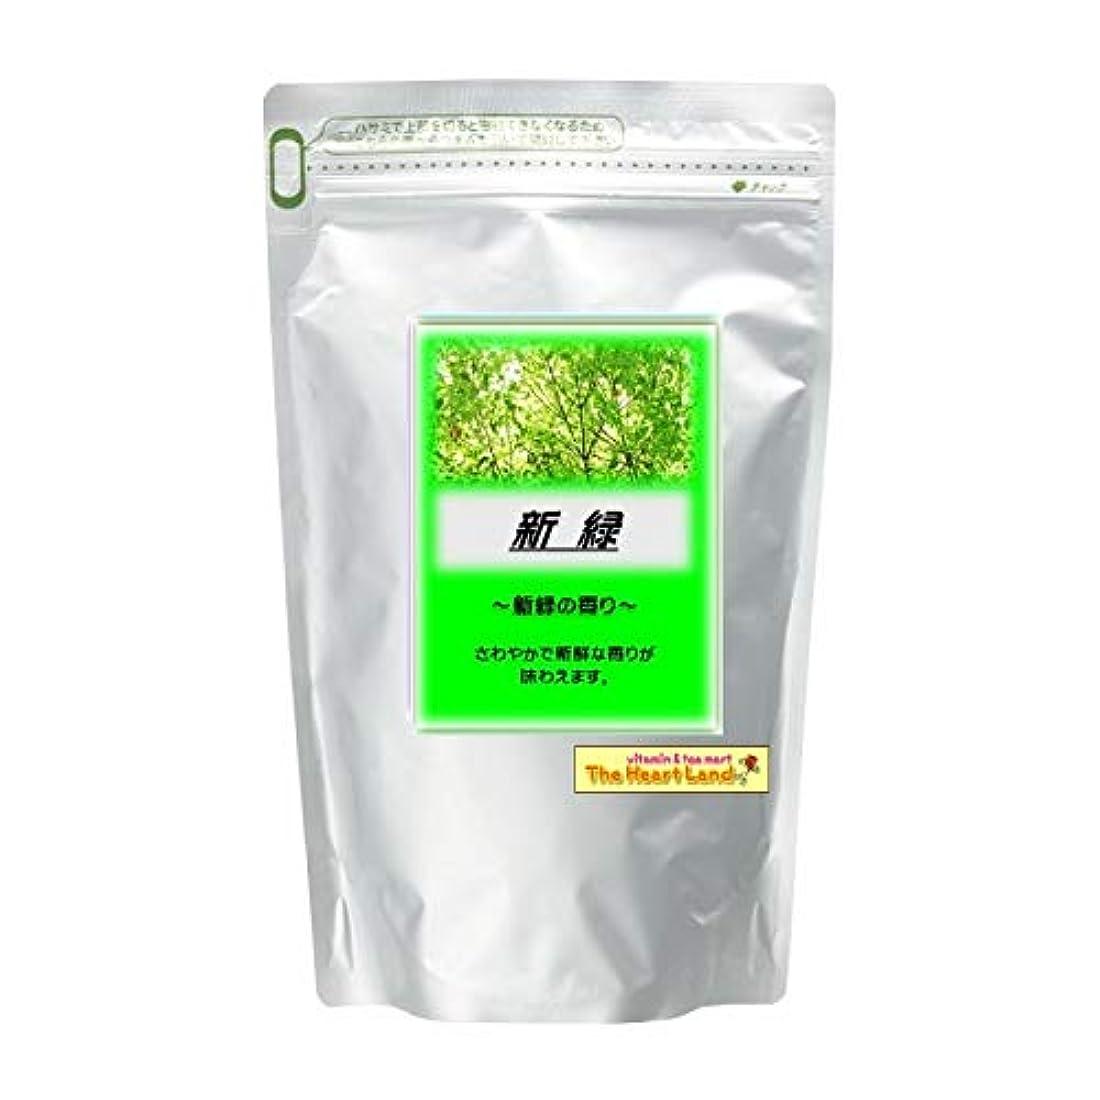 逆さまにおいしいシュガーアサヒ入浴剤 浴用入浴化粧品 新緑 2.5kg